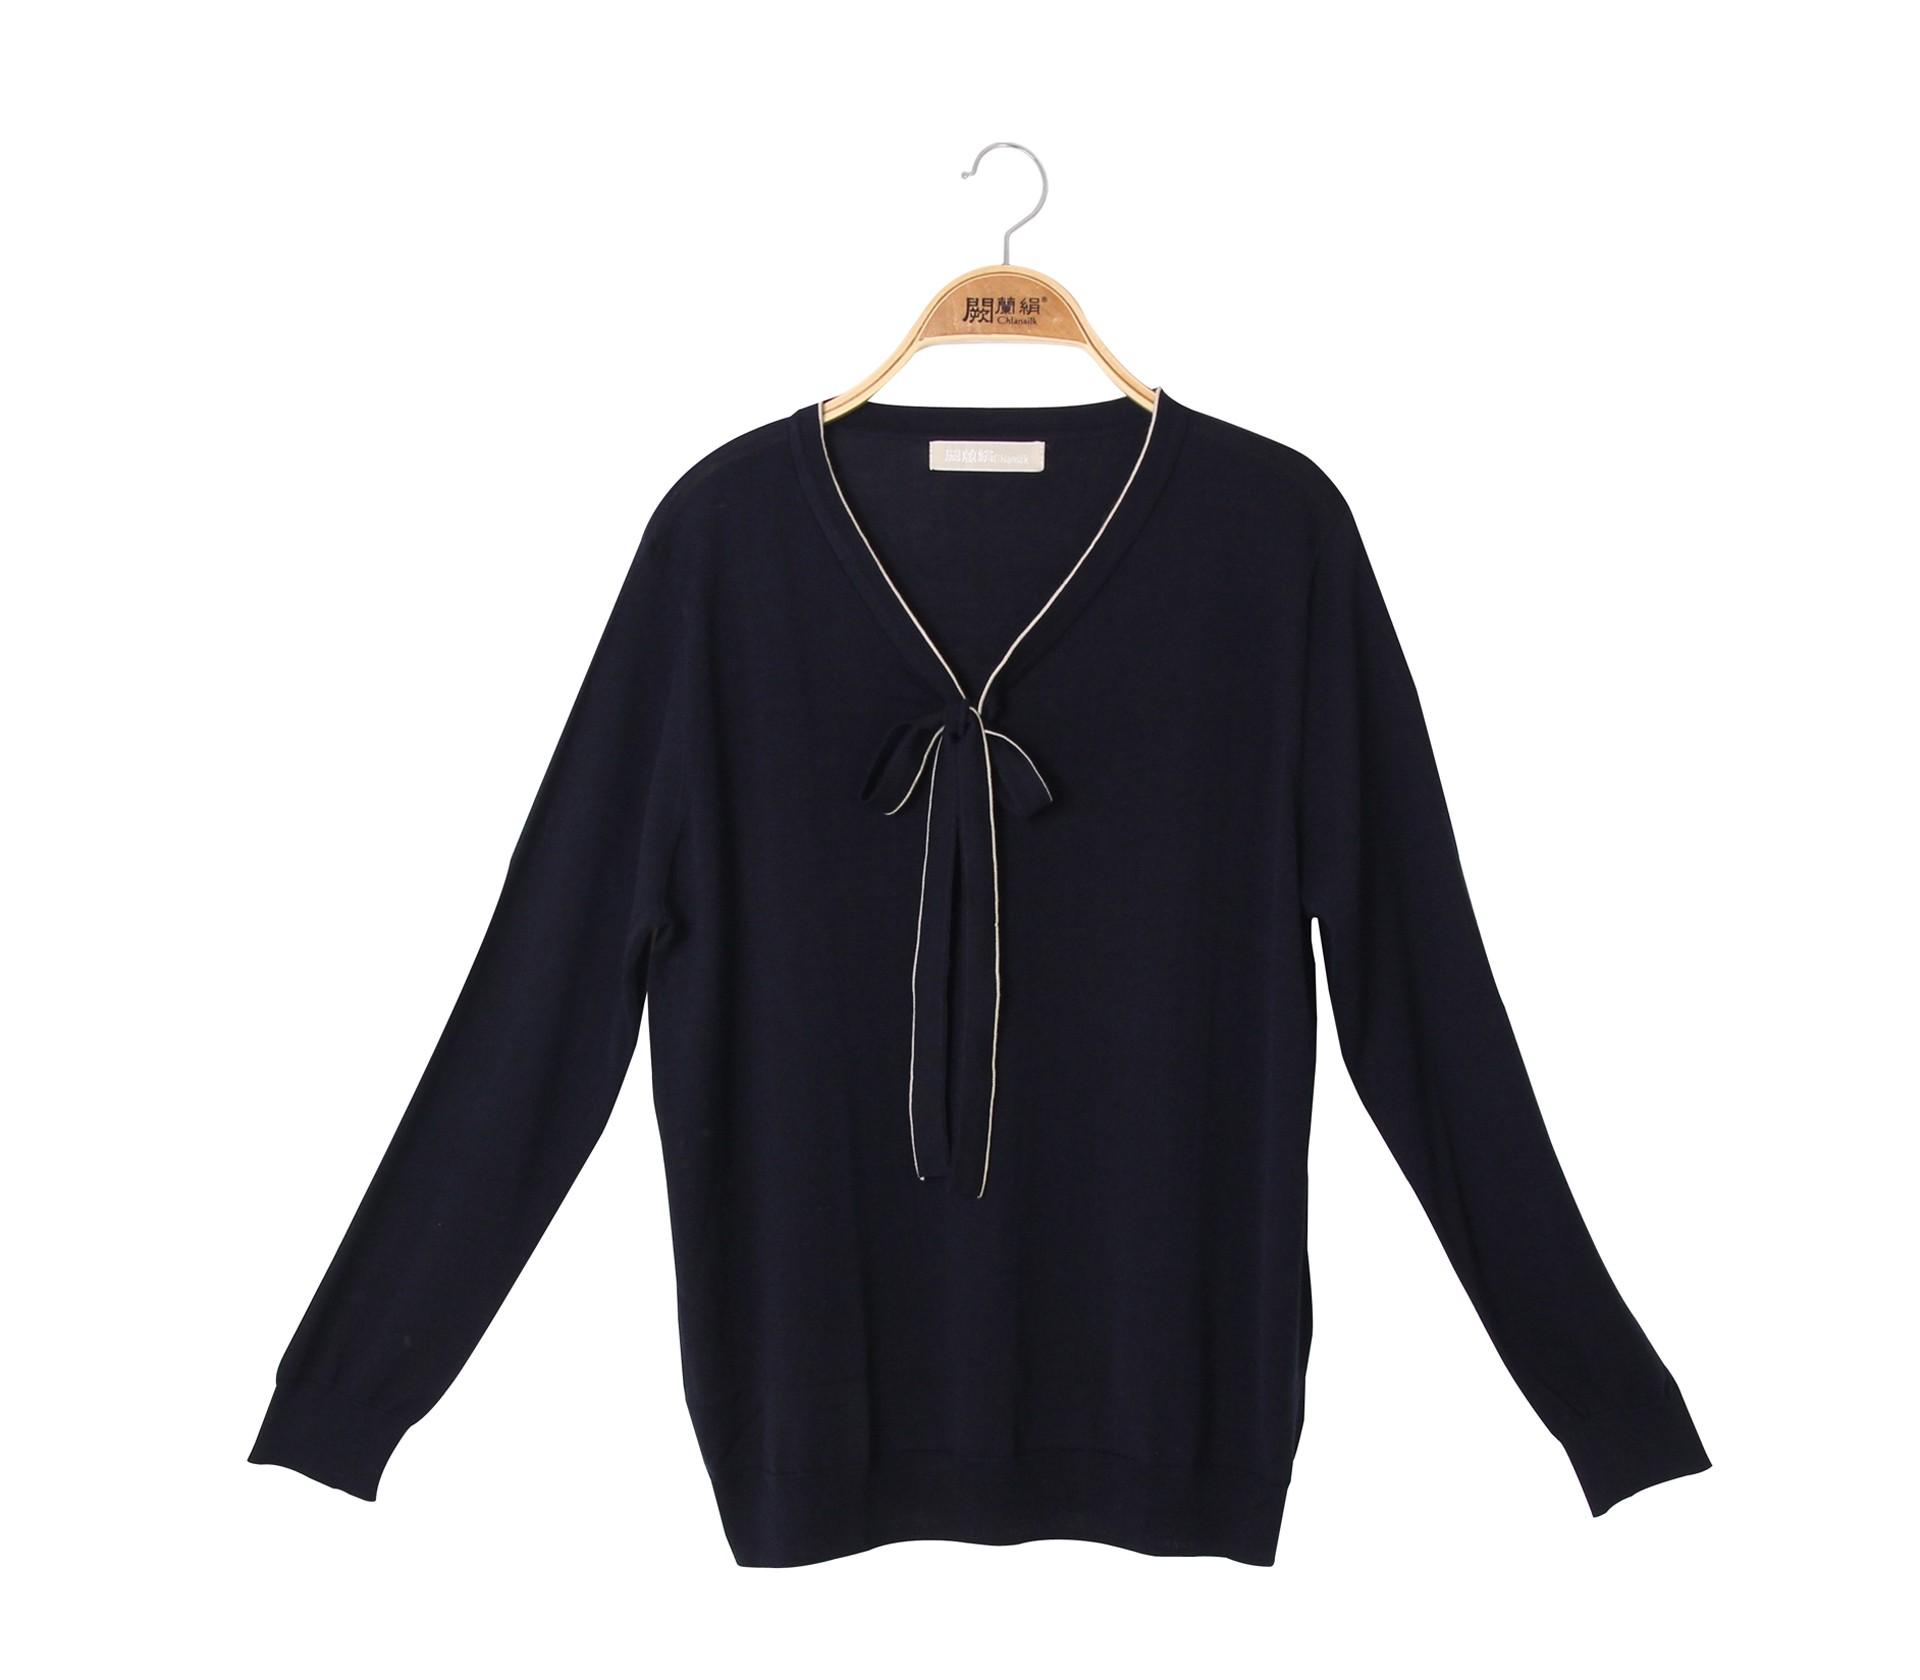 闕蘭絹溫雅氣質綁帶針織蠶絲長袖上衣 - 藍色 - 6628